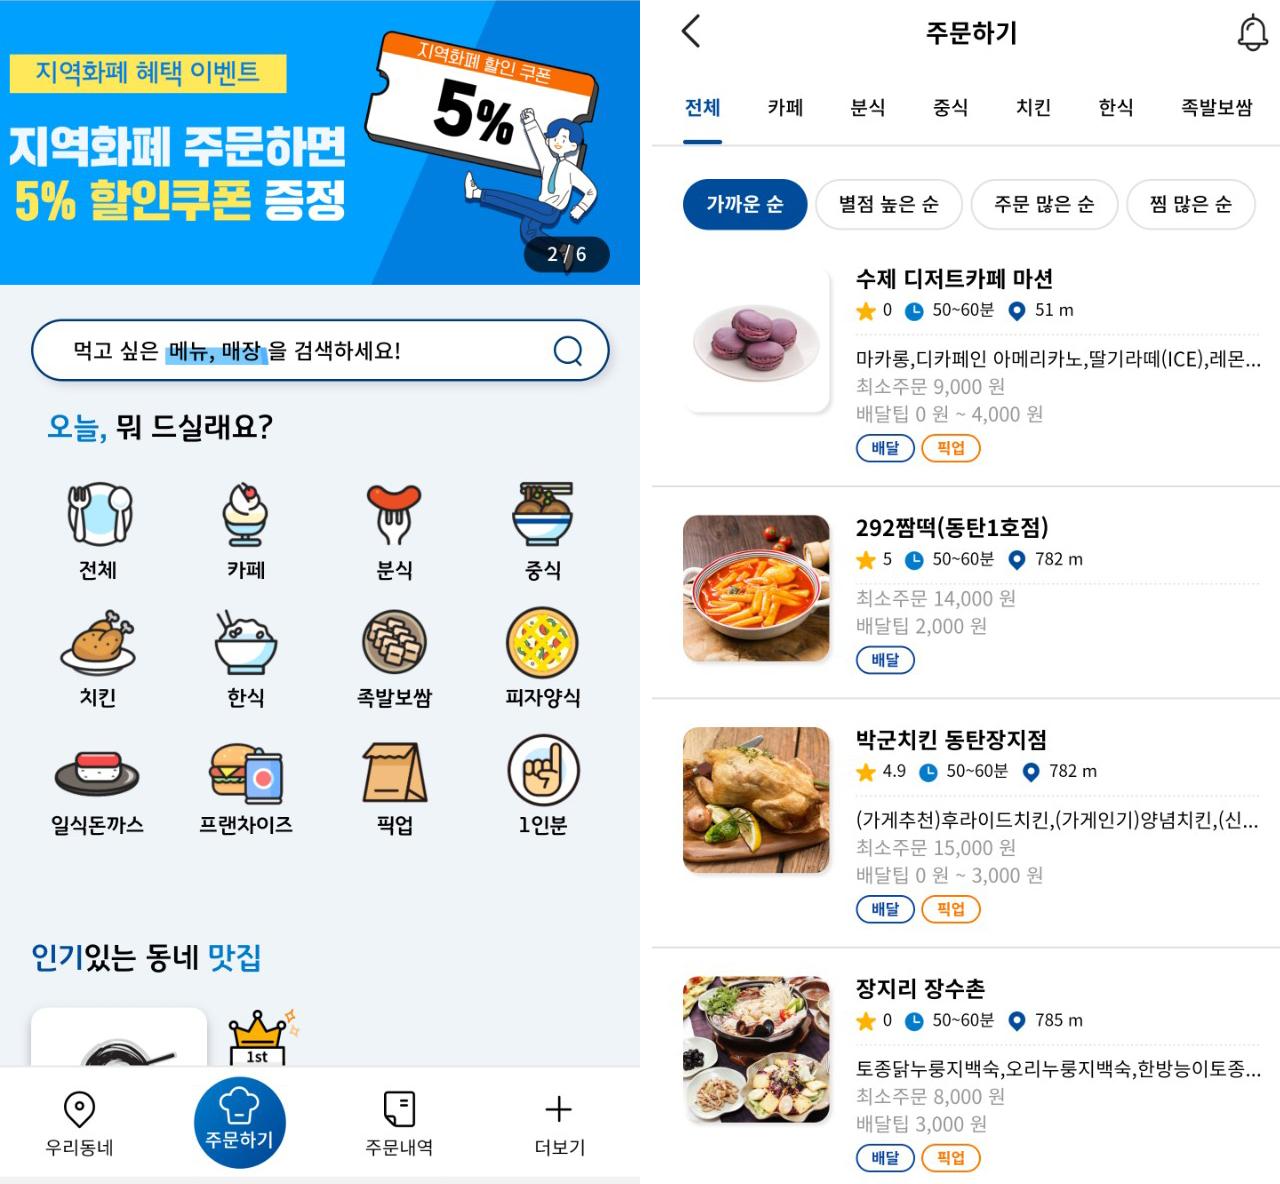 배달특급 앱에 주소를 등록하면, 근처 배달이 가능한 음식점이 카페, 분식, 중식, 치킨, 한식, 족발보쌈, 피자양식 등 메뉴별로 보여진다.